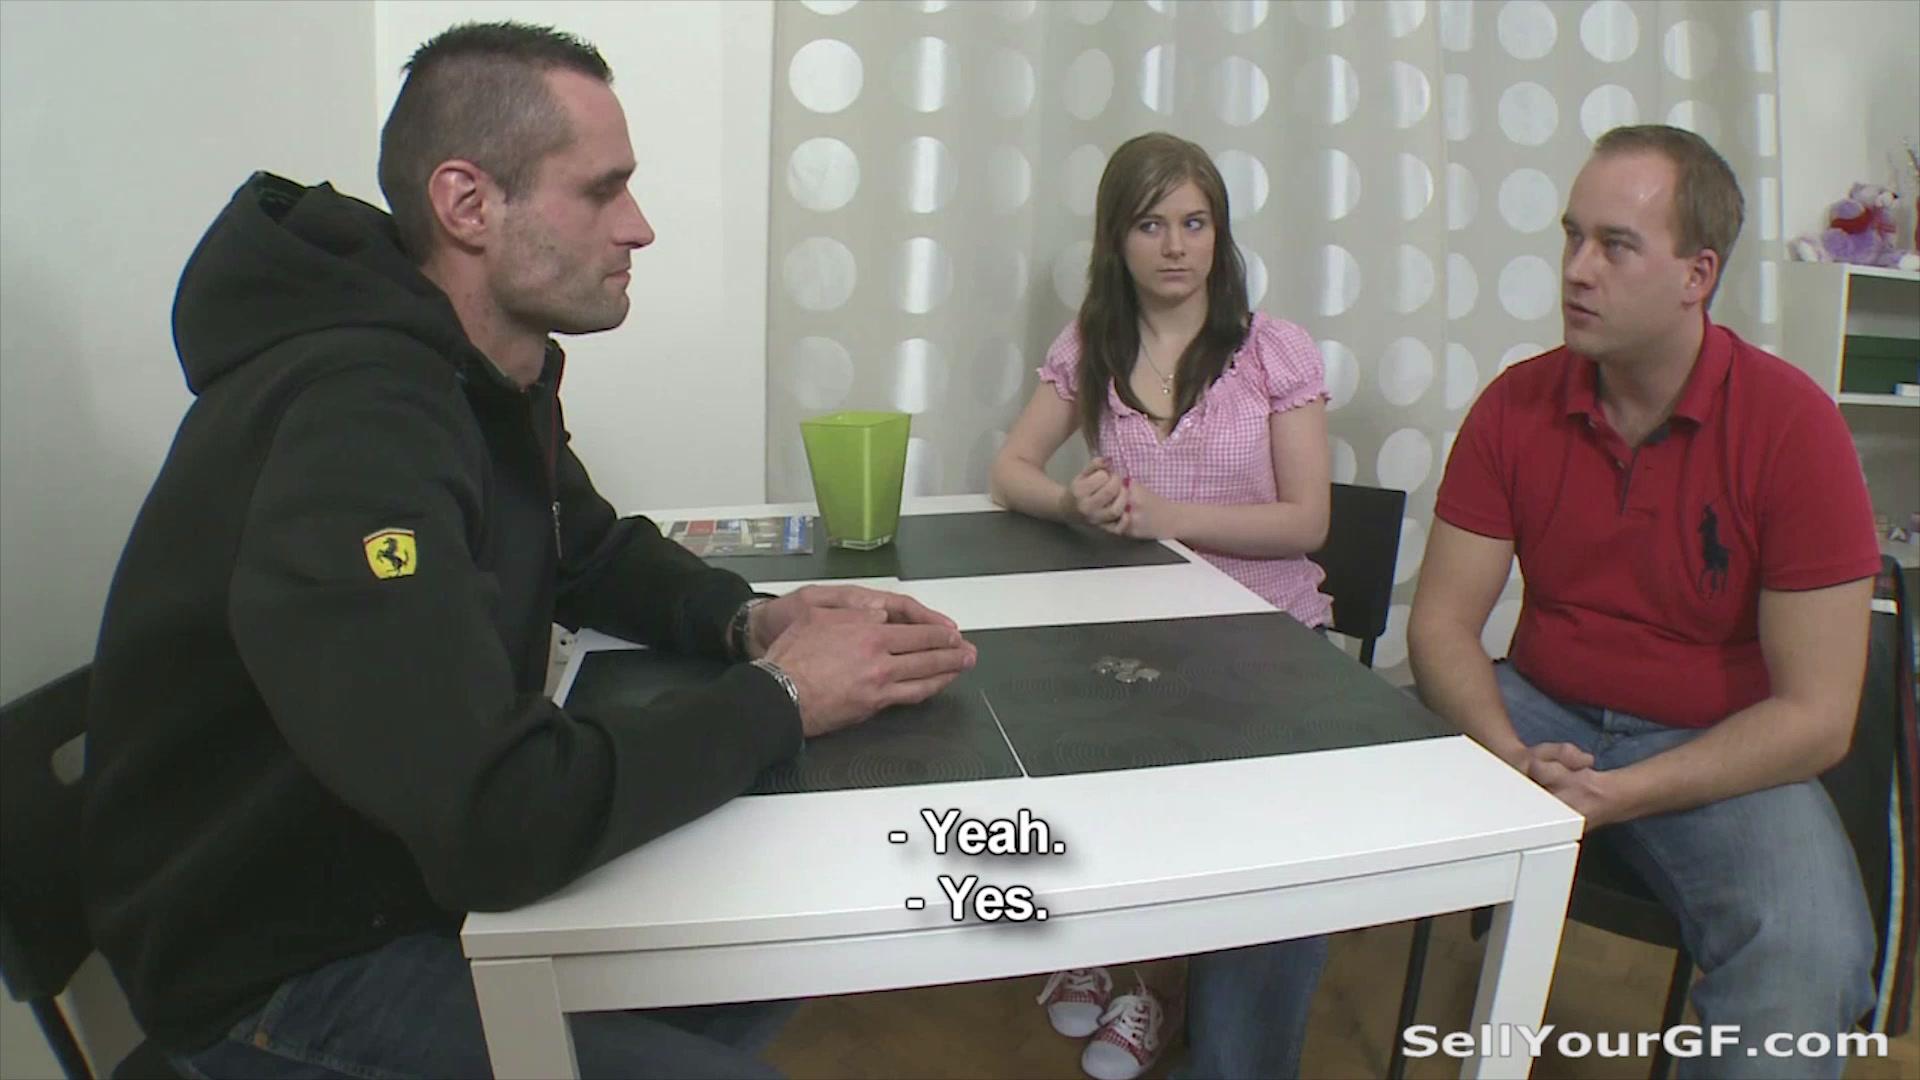 Telekanal ukraine online dating xXx Videos